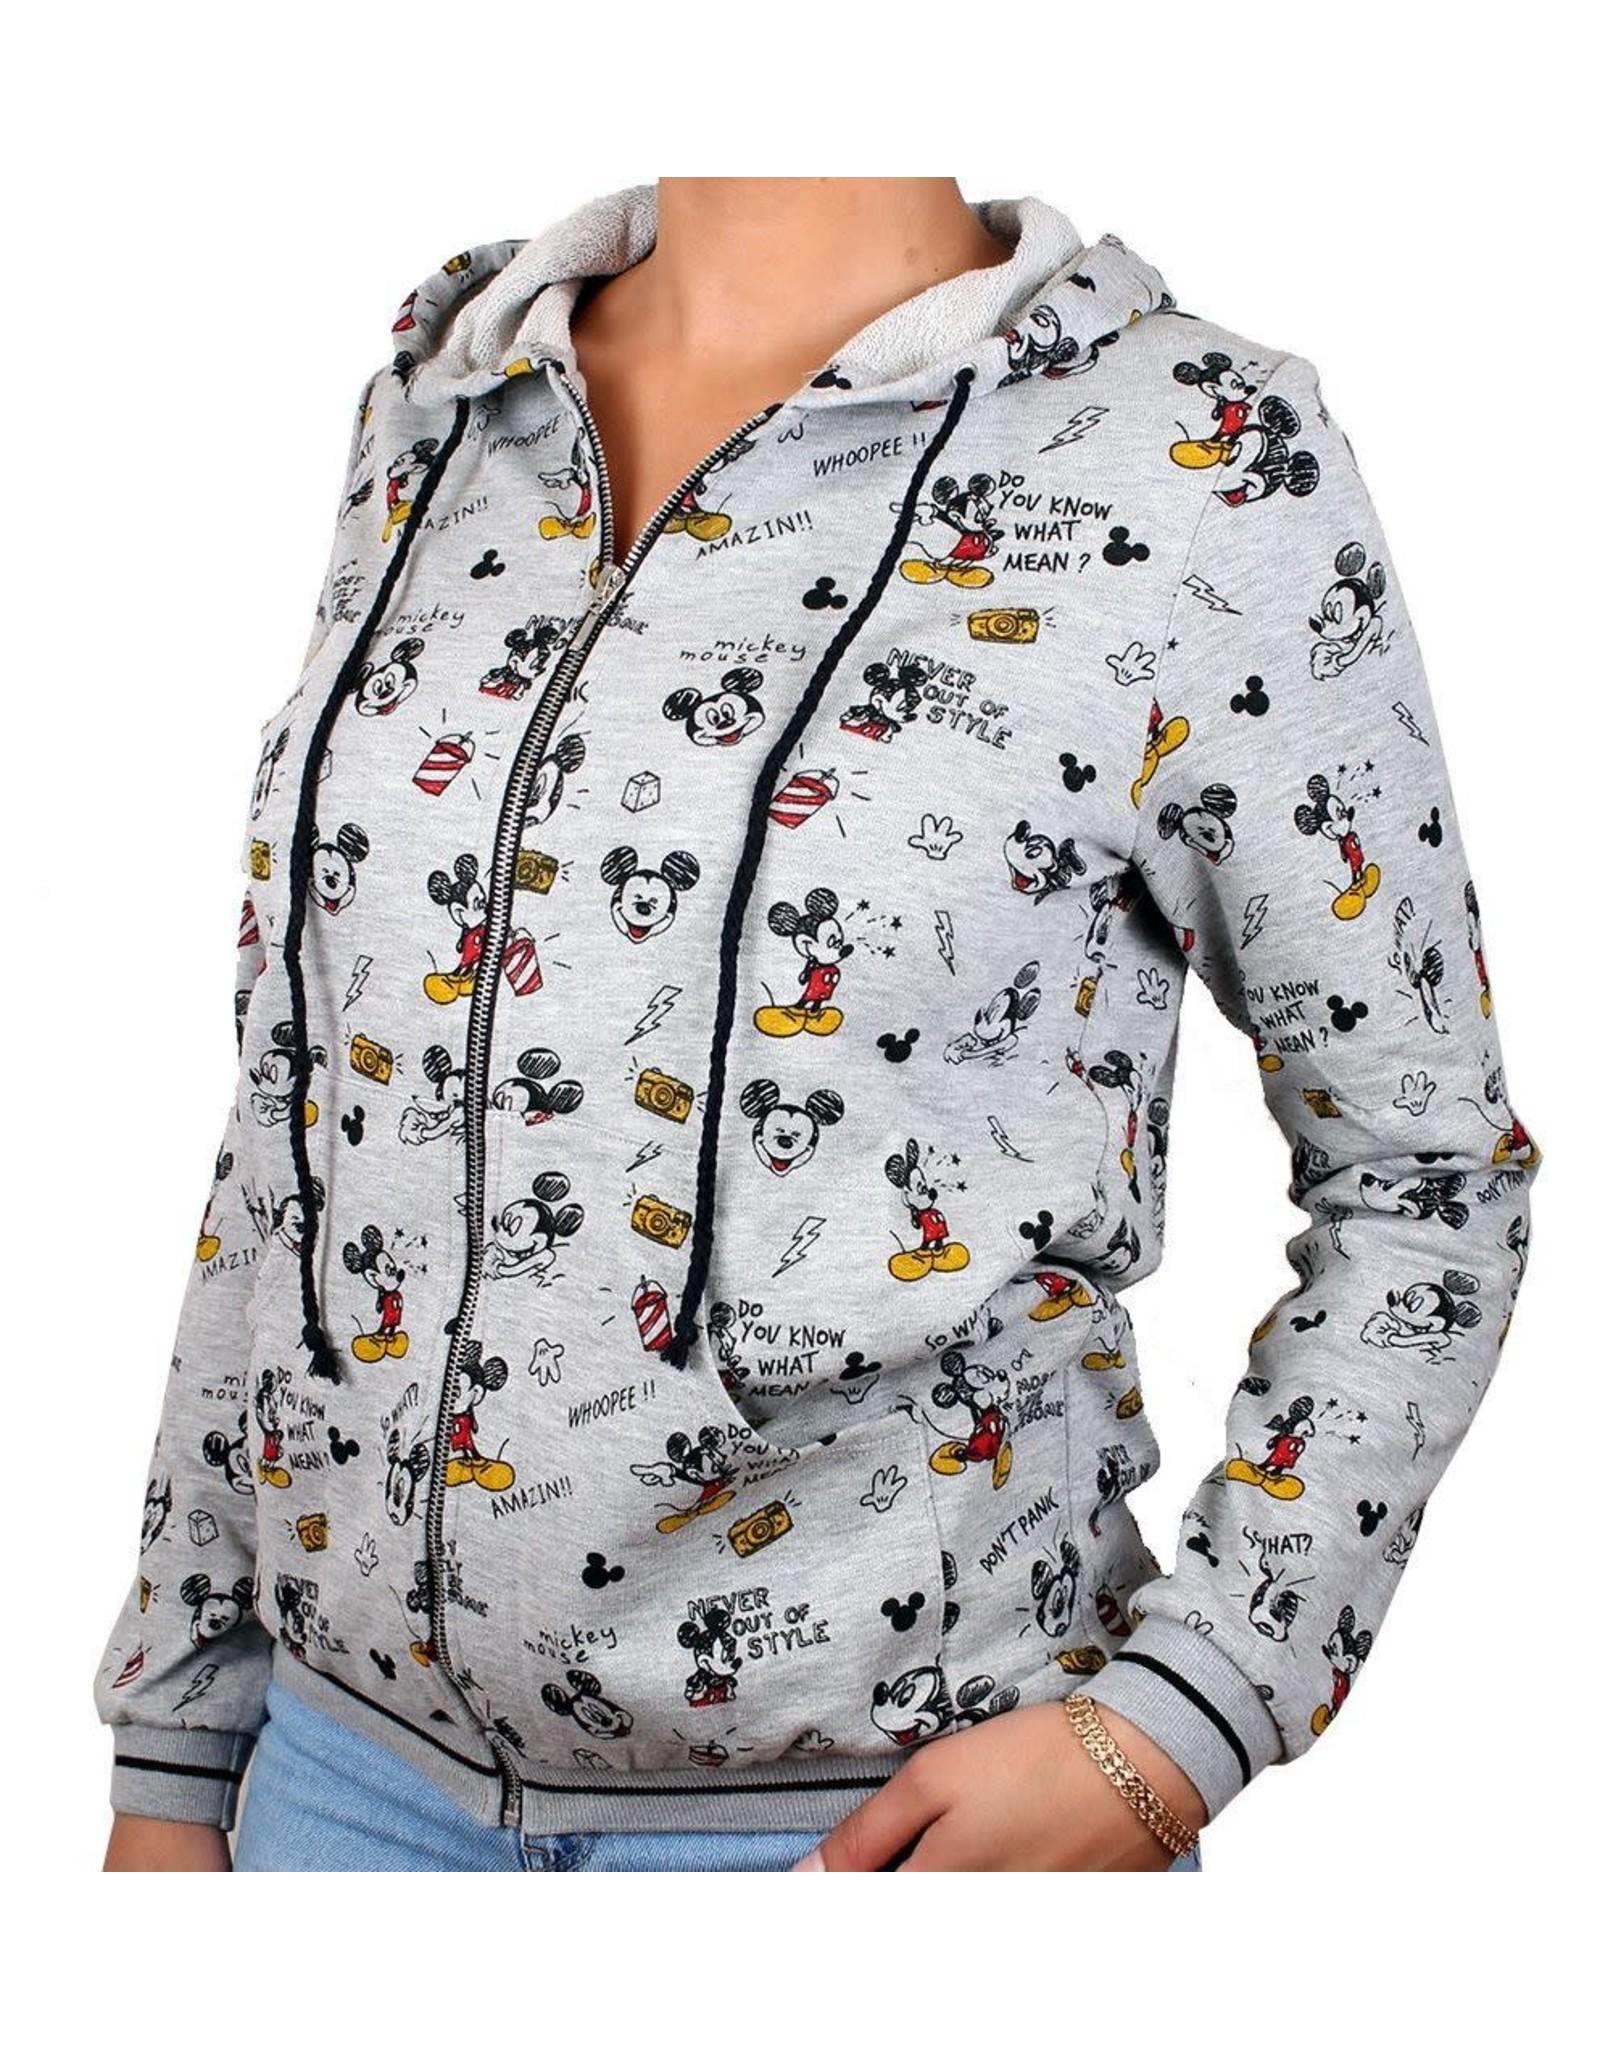 DISNEY - Hoodie Mickey Sketchr GIRL (S)